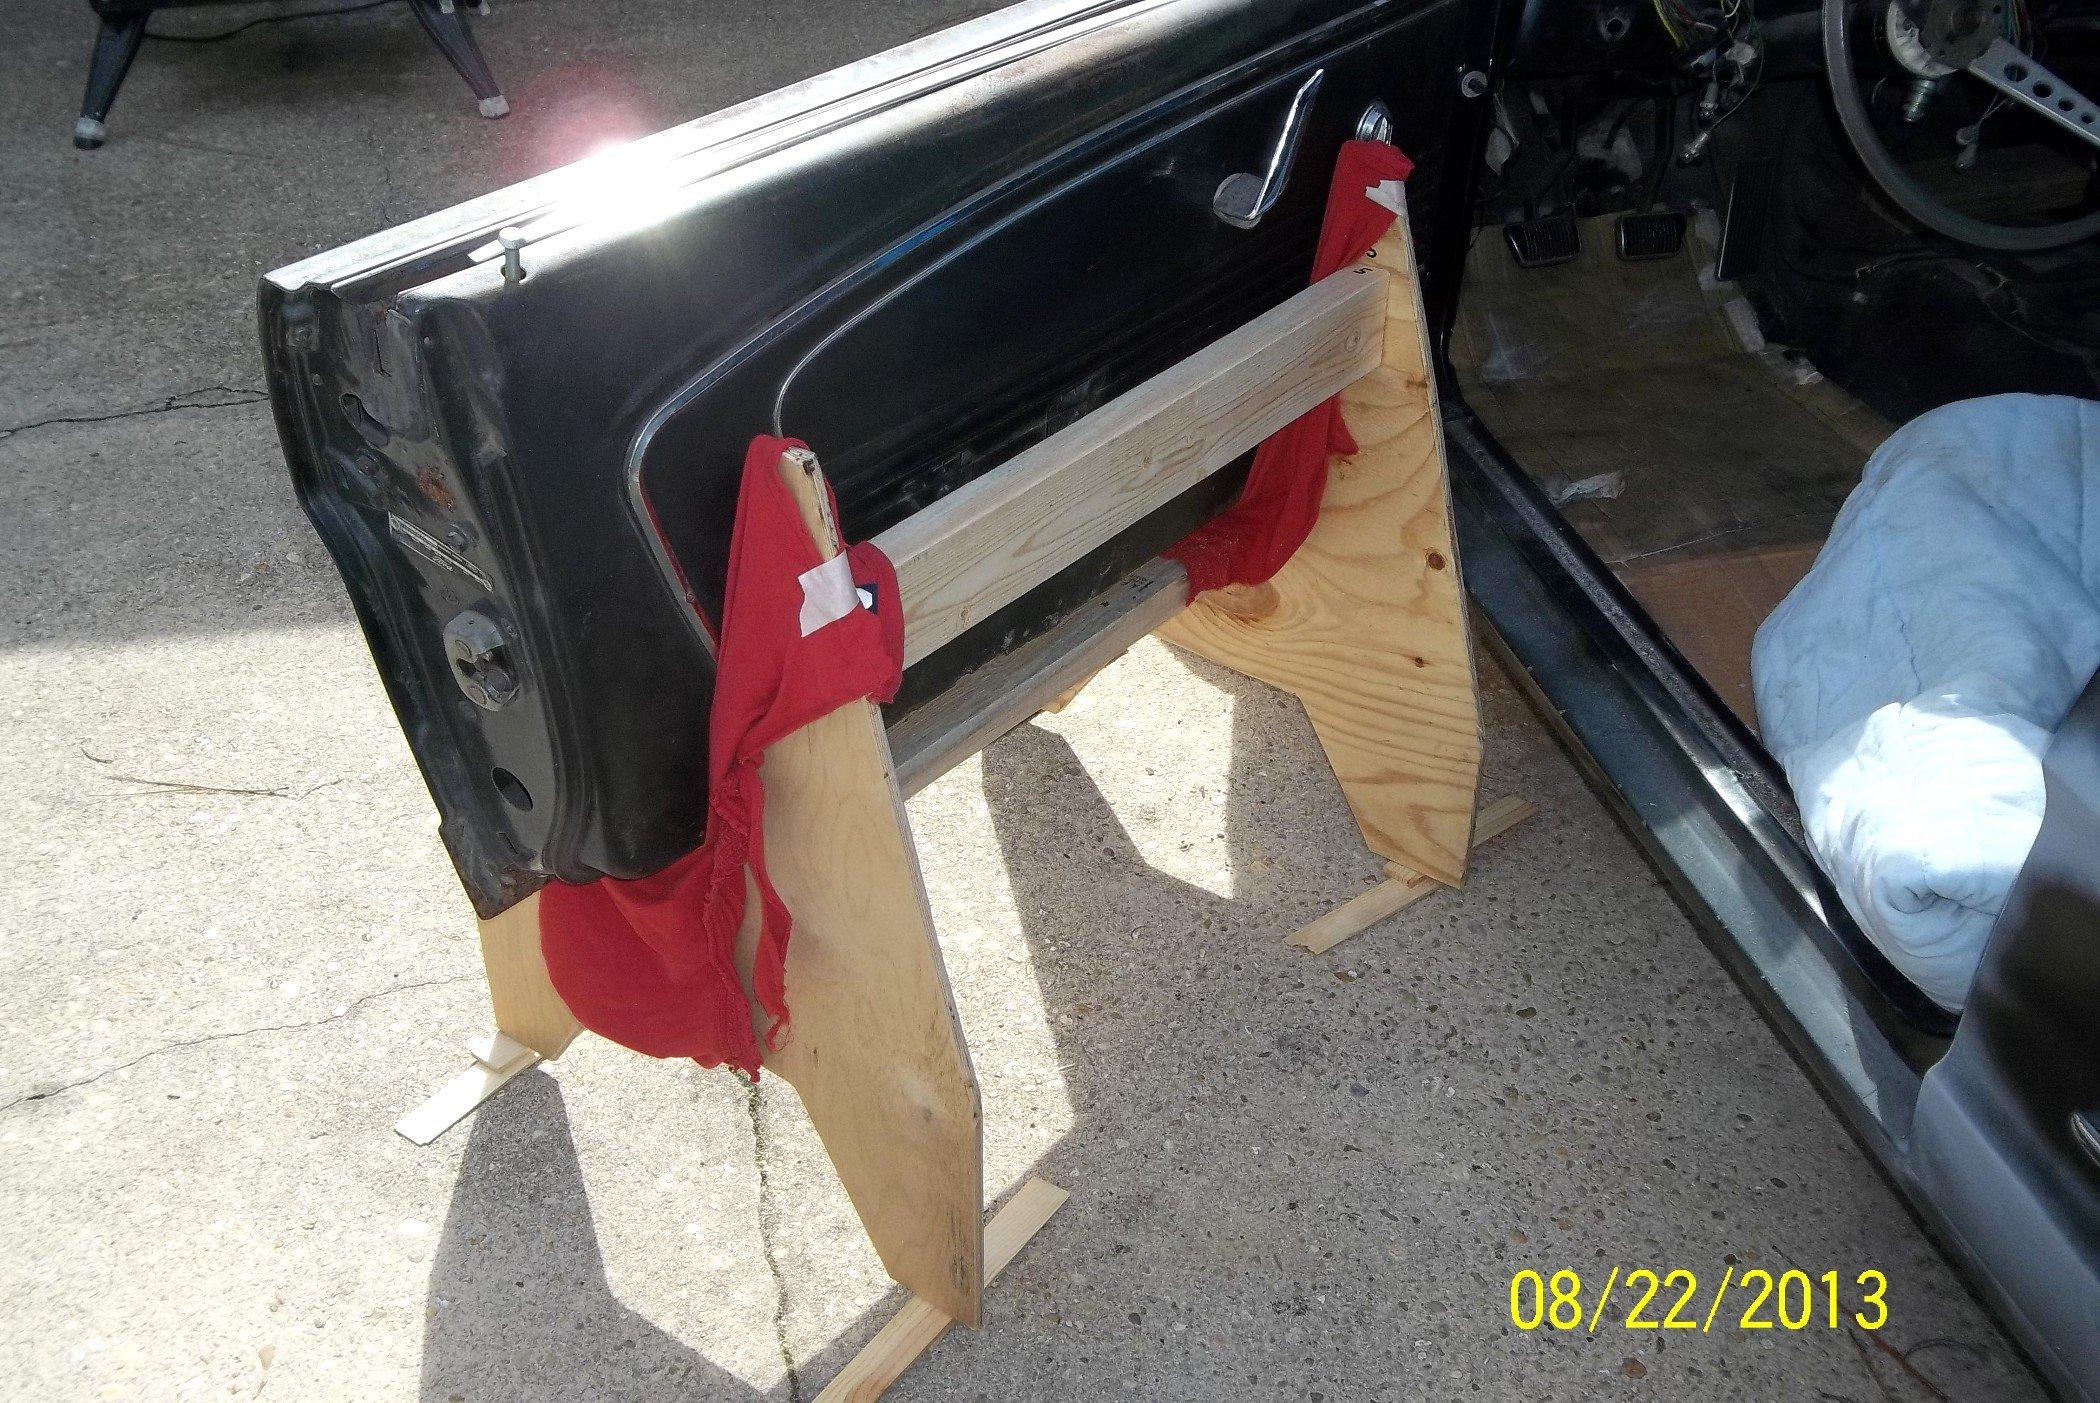 67 68 Ford Mustang Lower Door Hinge Left